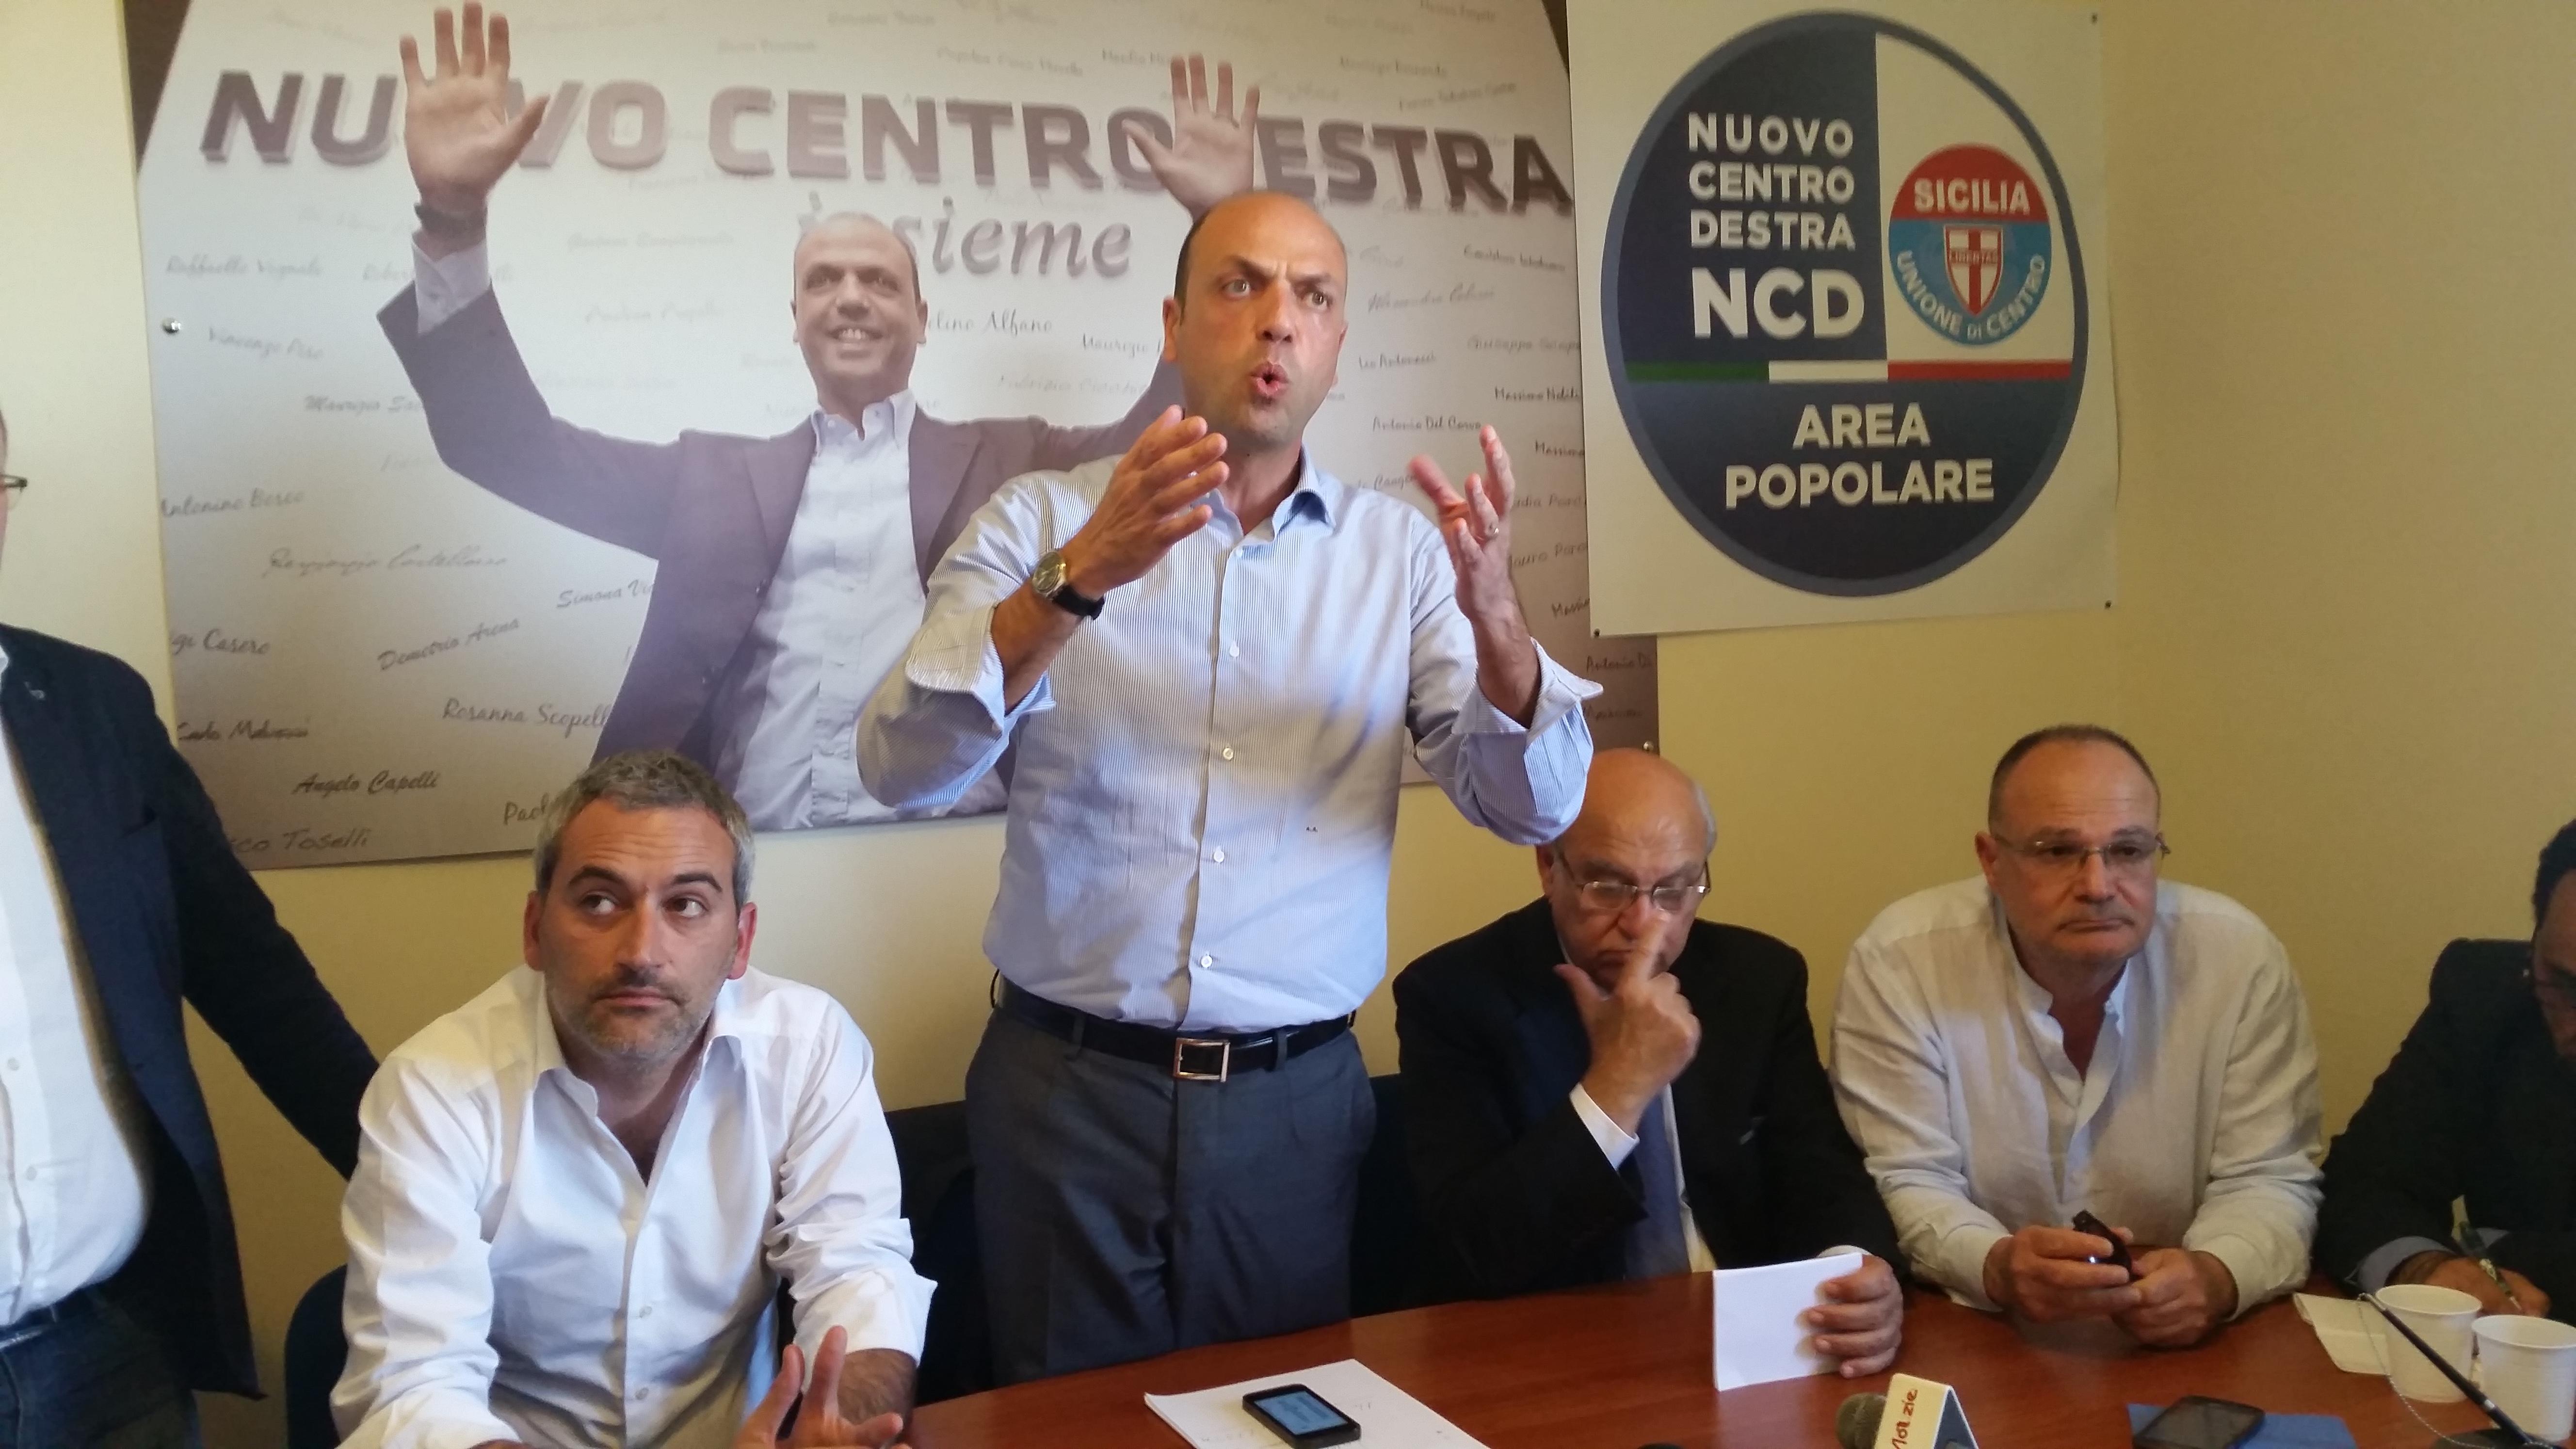 Angelino Alfano, Ministro dell'Interno presenta la lista Area Popolare